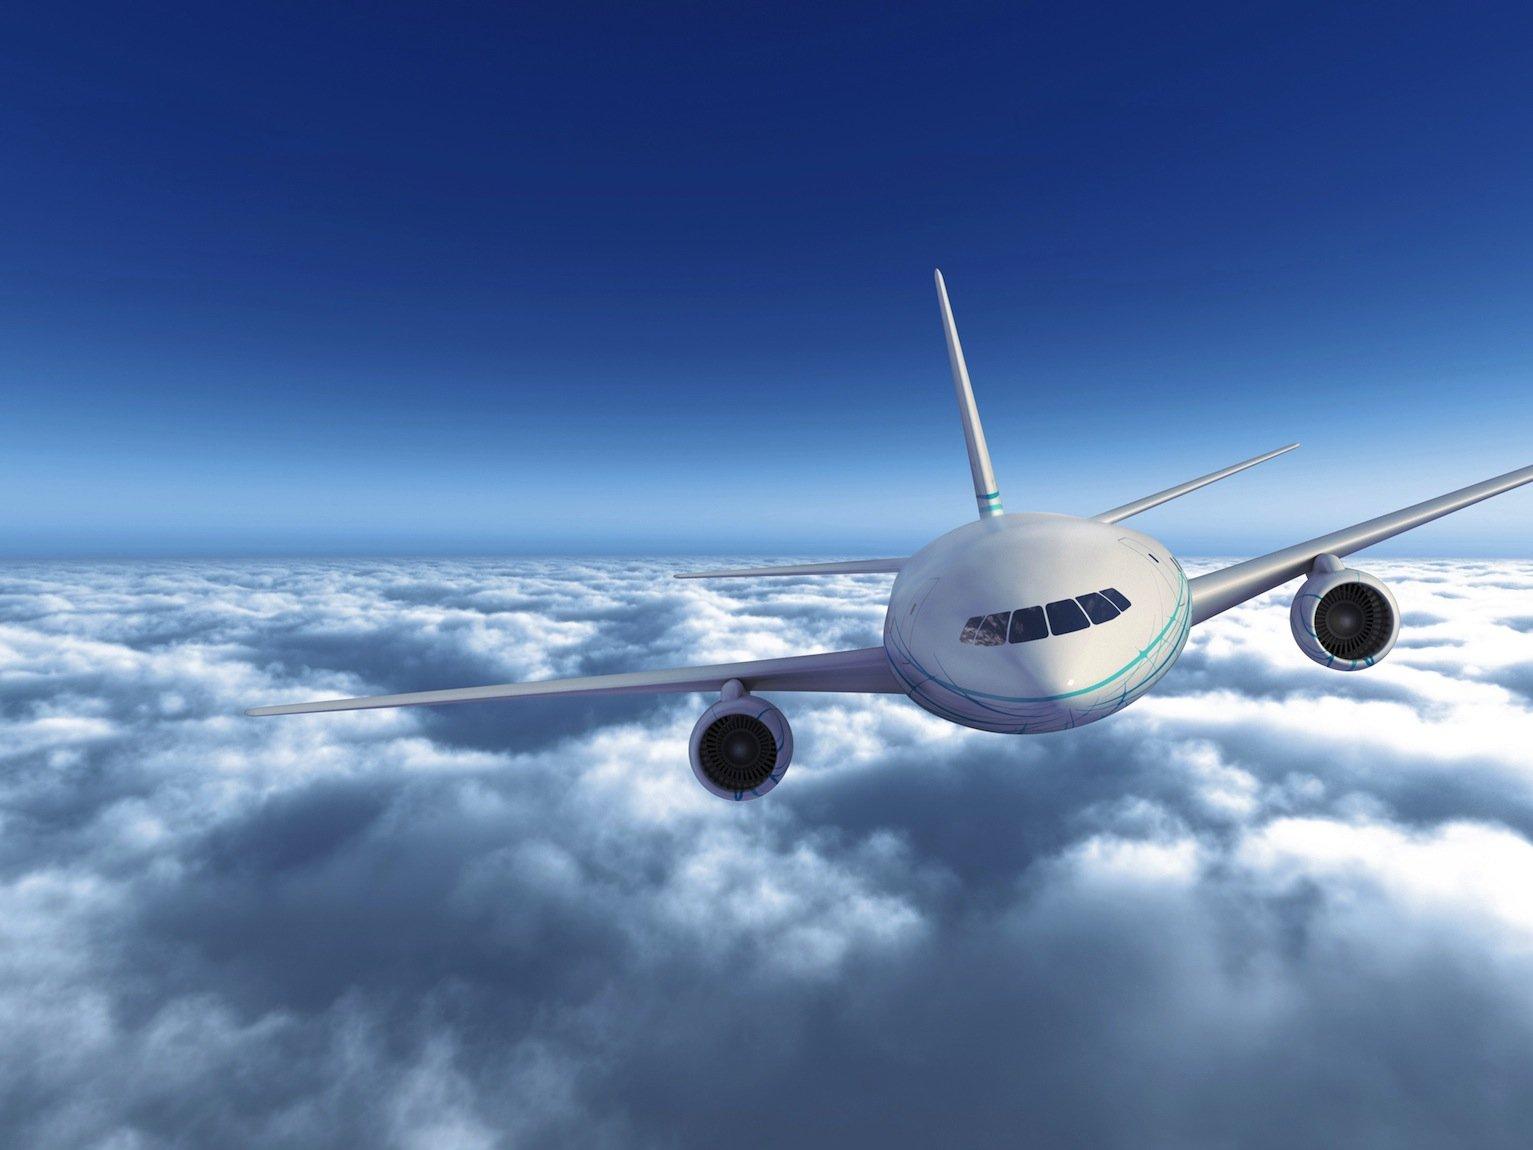 Der russischeFrigate Ecojet ist das erste Verkehrsflugzeug mit ovalem Rumpf. Dadurch können mehr Passagiere und Fracht untergebraucht werden. Möglicherweise wird das Flugzeug sogar in Deutschland gebaut.